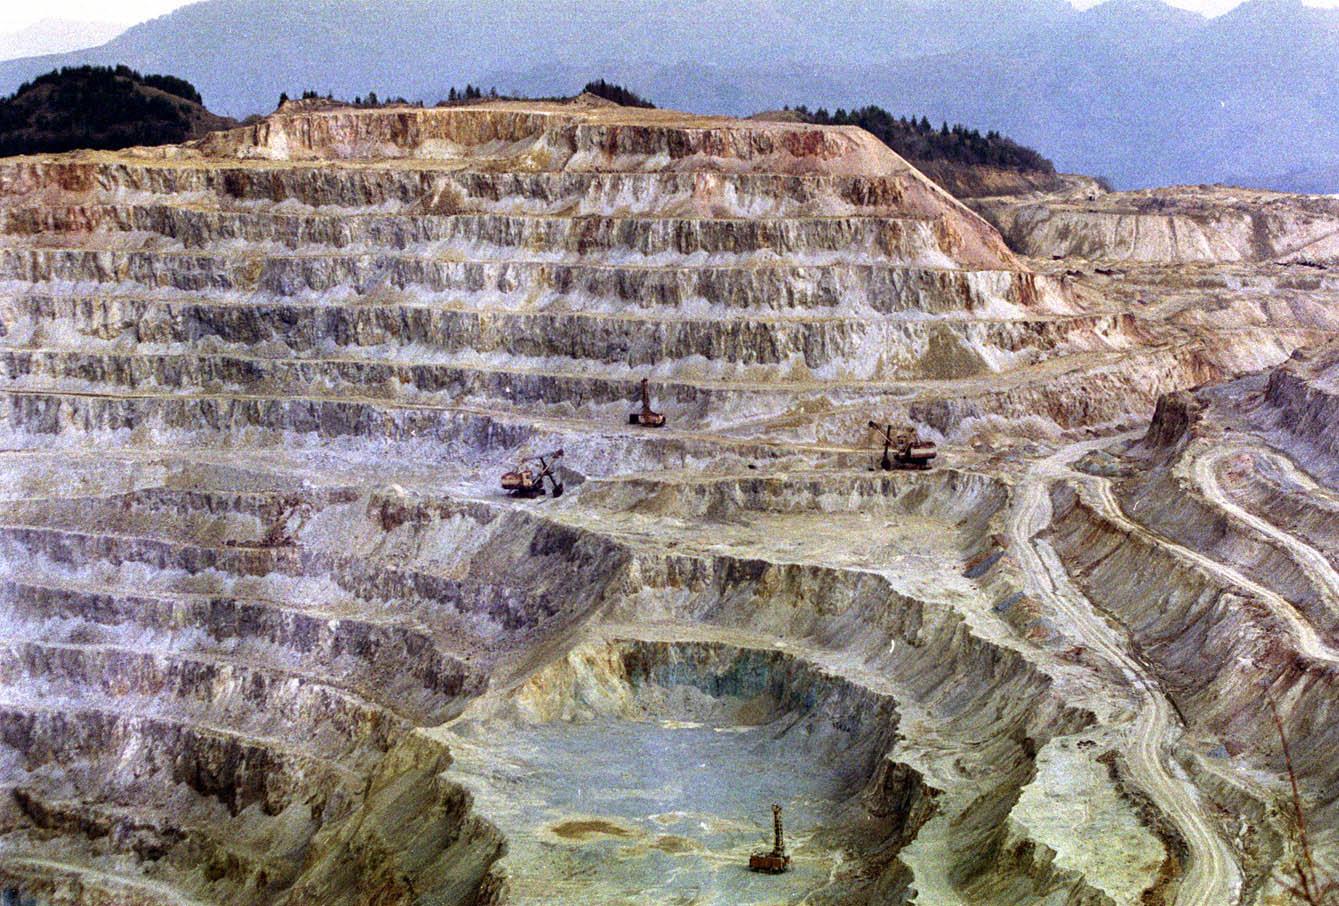 Omul impotriva naturii: Cazul Rosia Montana